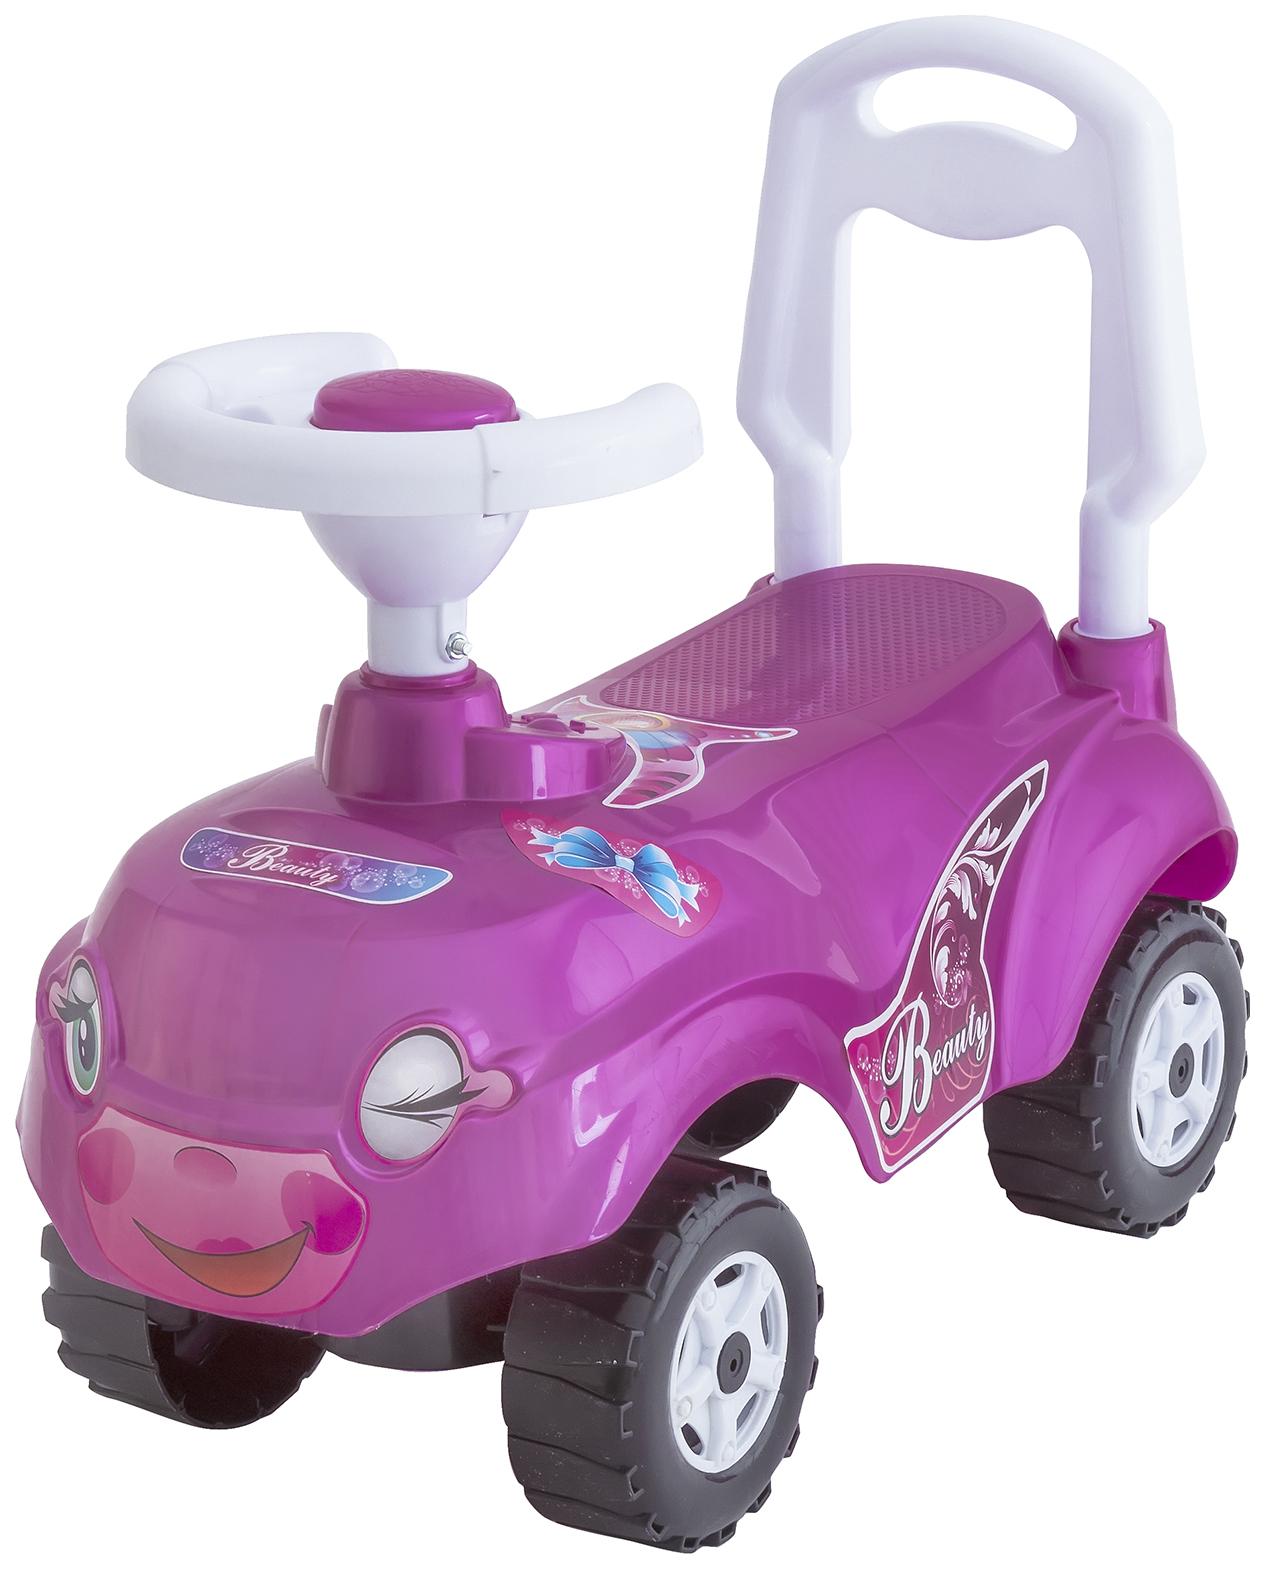 Купить Каталка детская Orion Машина Микрокар, Машинки каталки